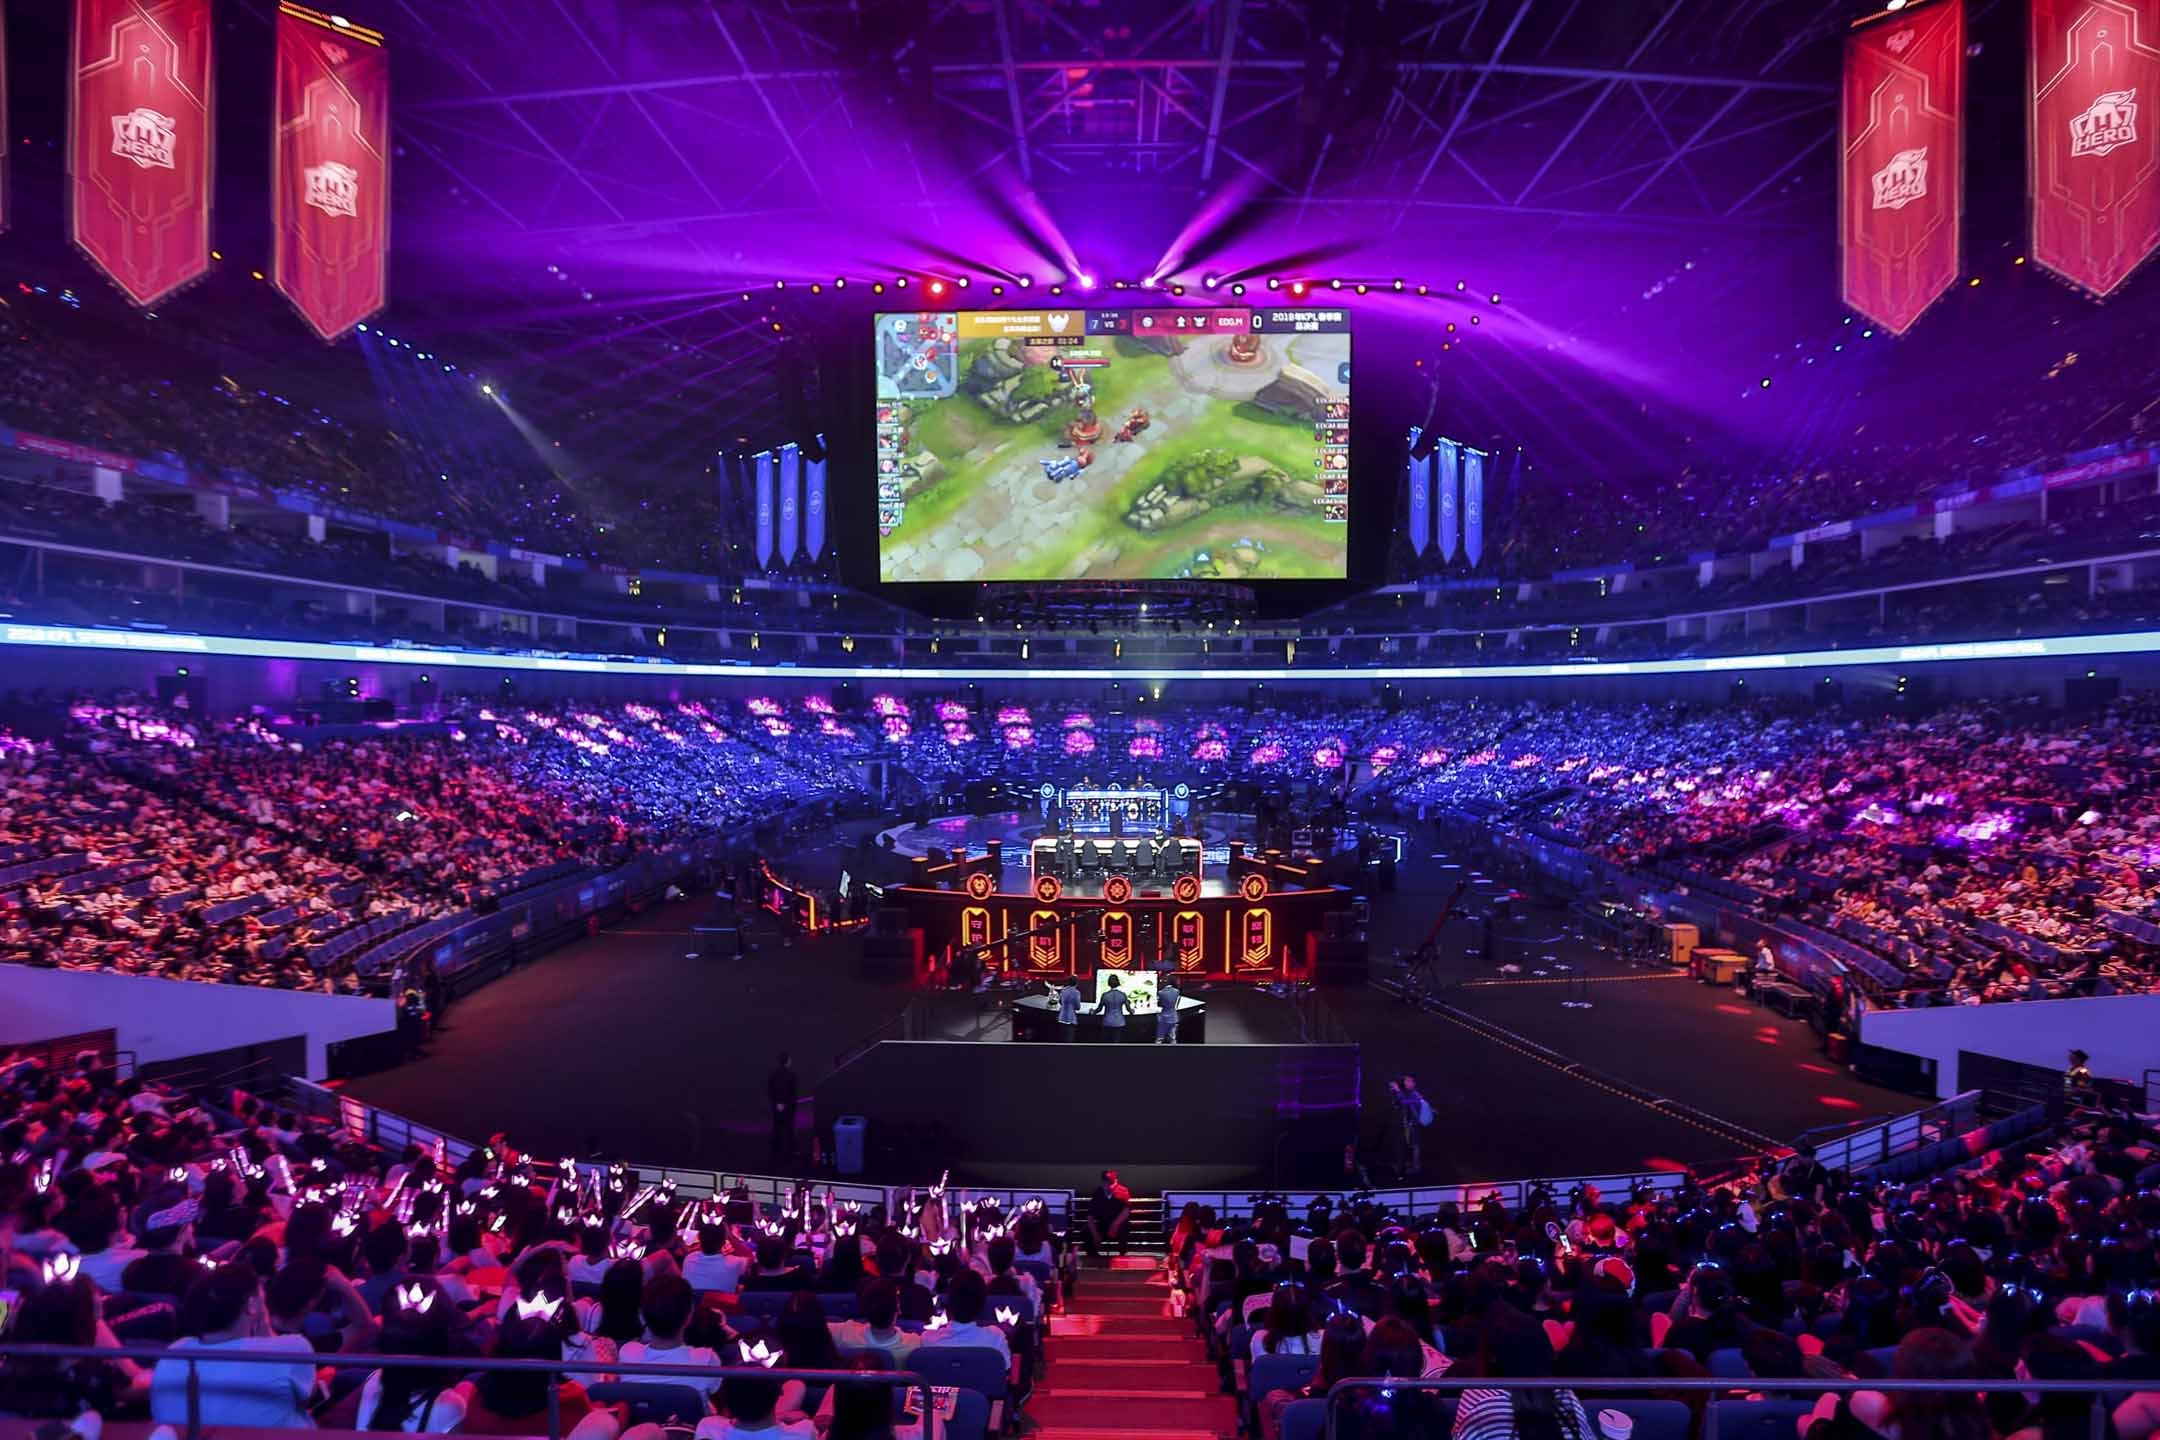 2018年3月,遊戲版號的審批工作突然暫停,令這個全球最大的、價值二千億元的遊戲市場,陷入焦灼。沒有人知道審批會在何時恢復。圖為2018年7月8日,上海「KPL王者榮耀」職業聯賽春季賽。 攝:Imagine China